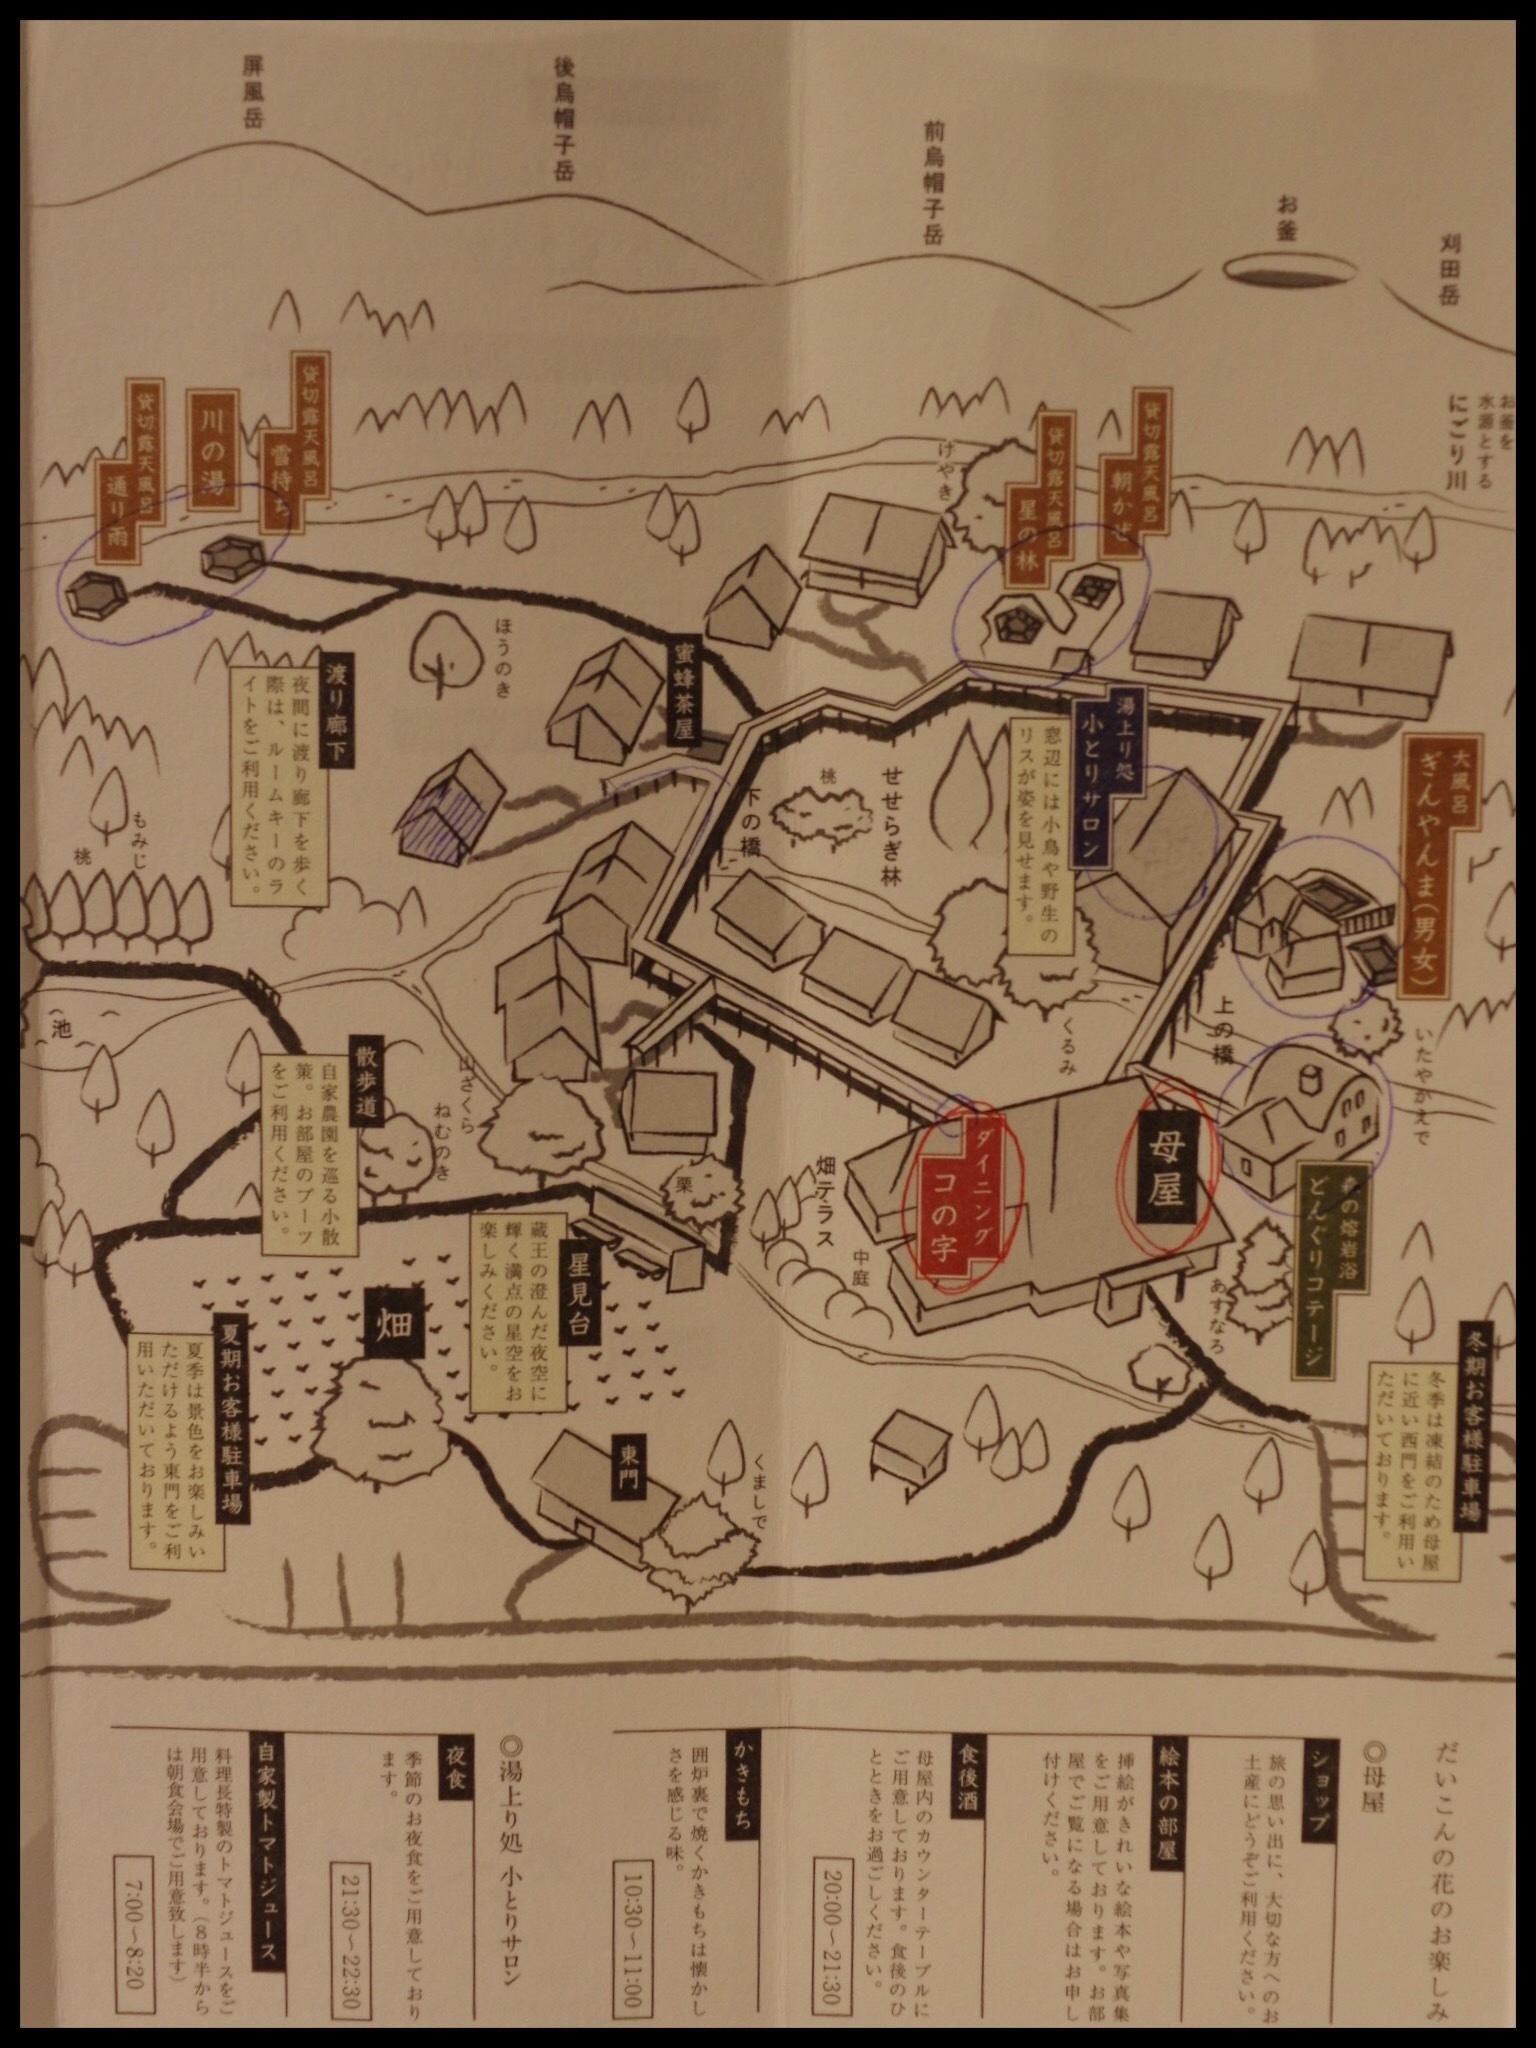 宮城 遠刈田温泉 だいこんの花 敷地内見取り図 マップ